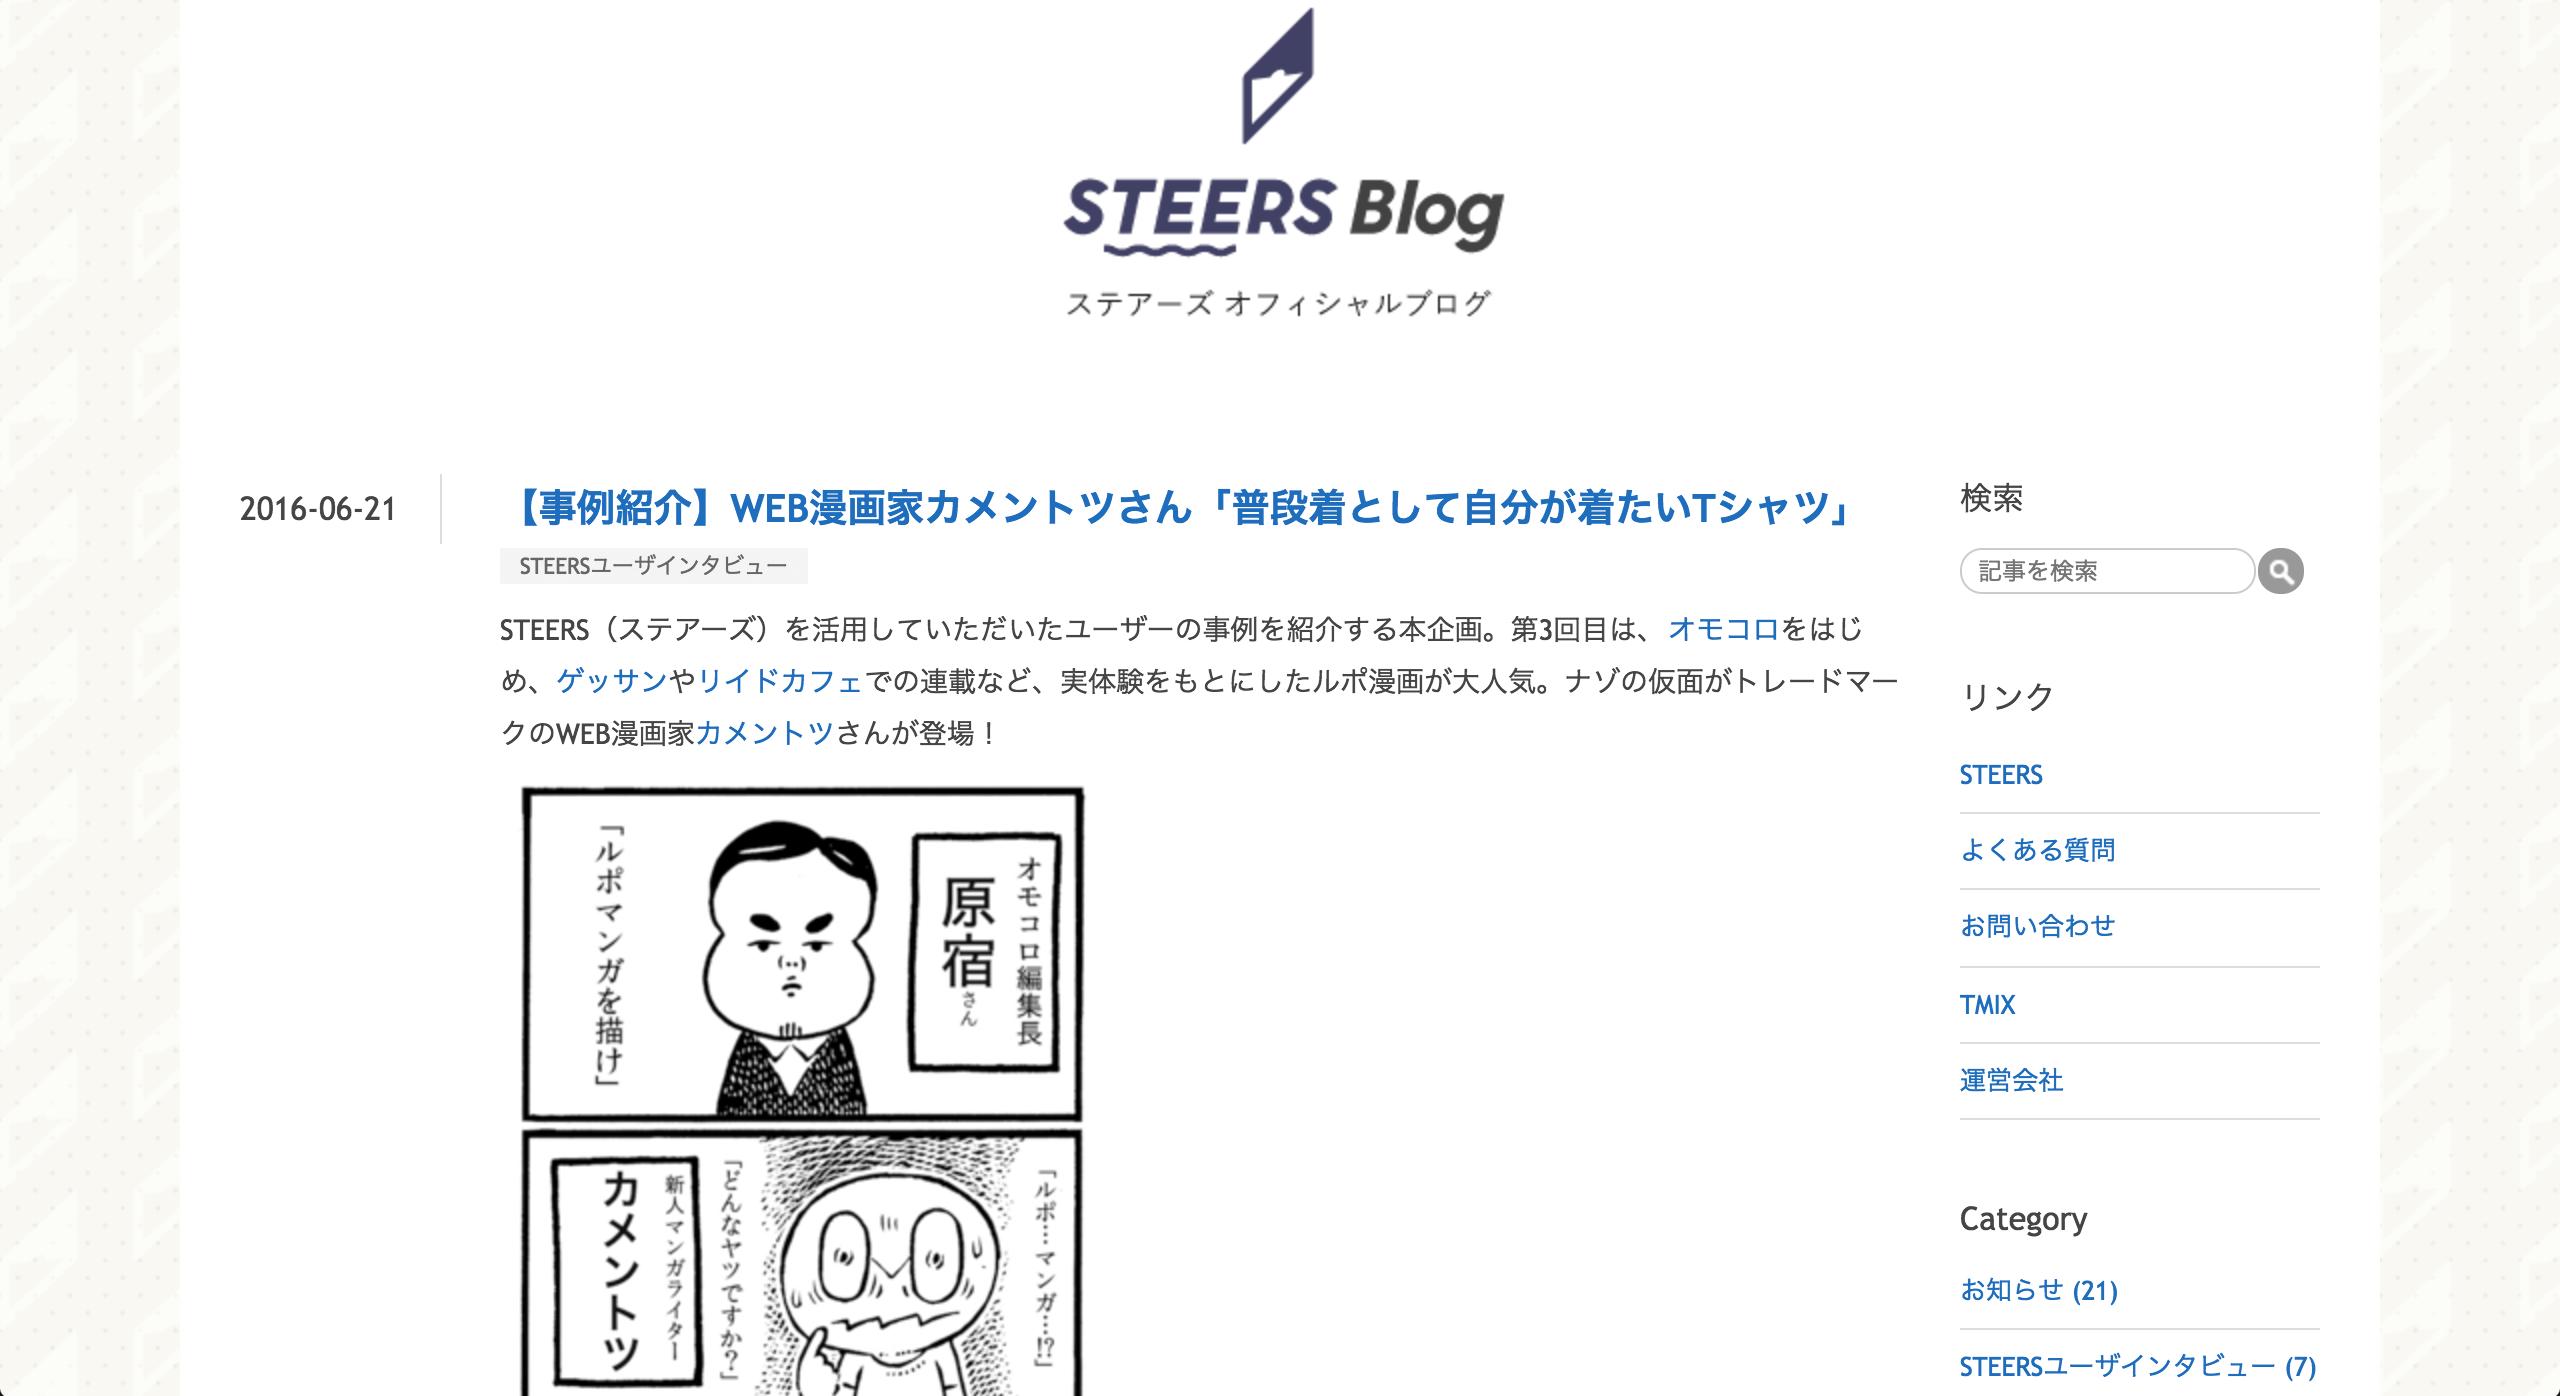 STEERS Blog